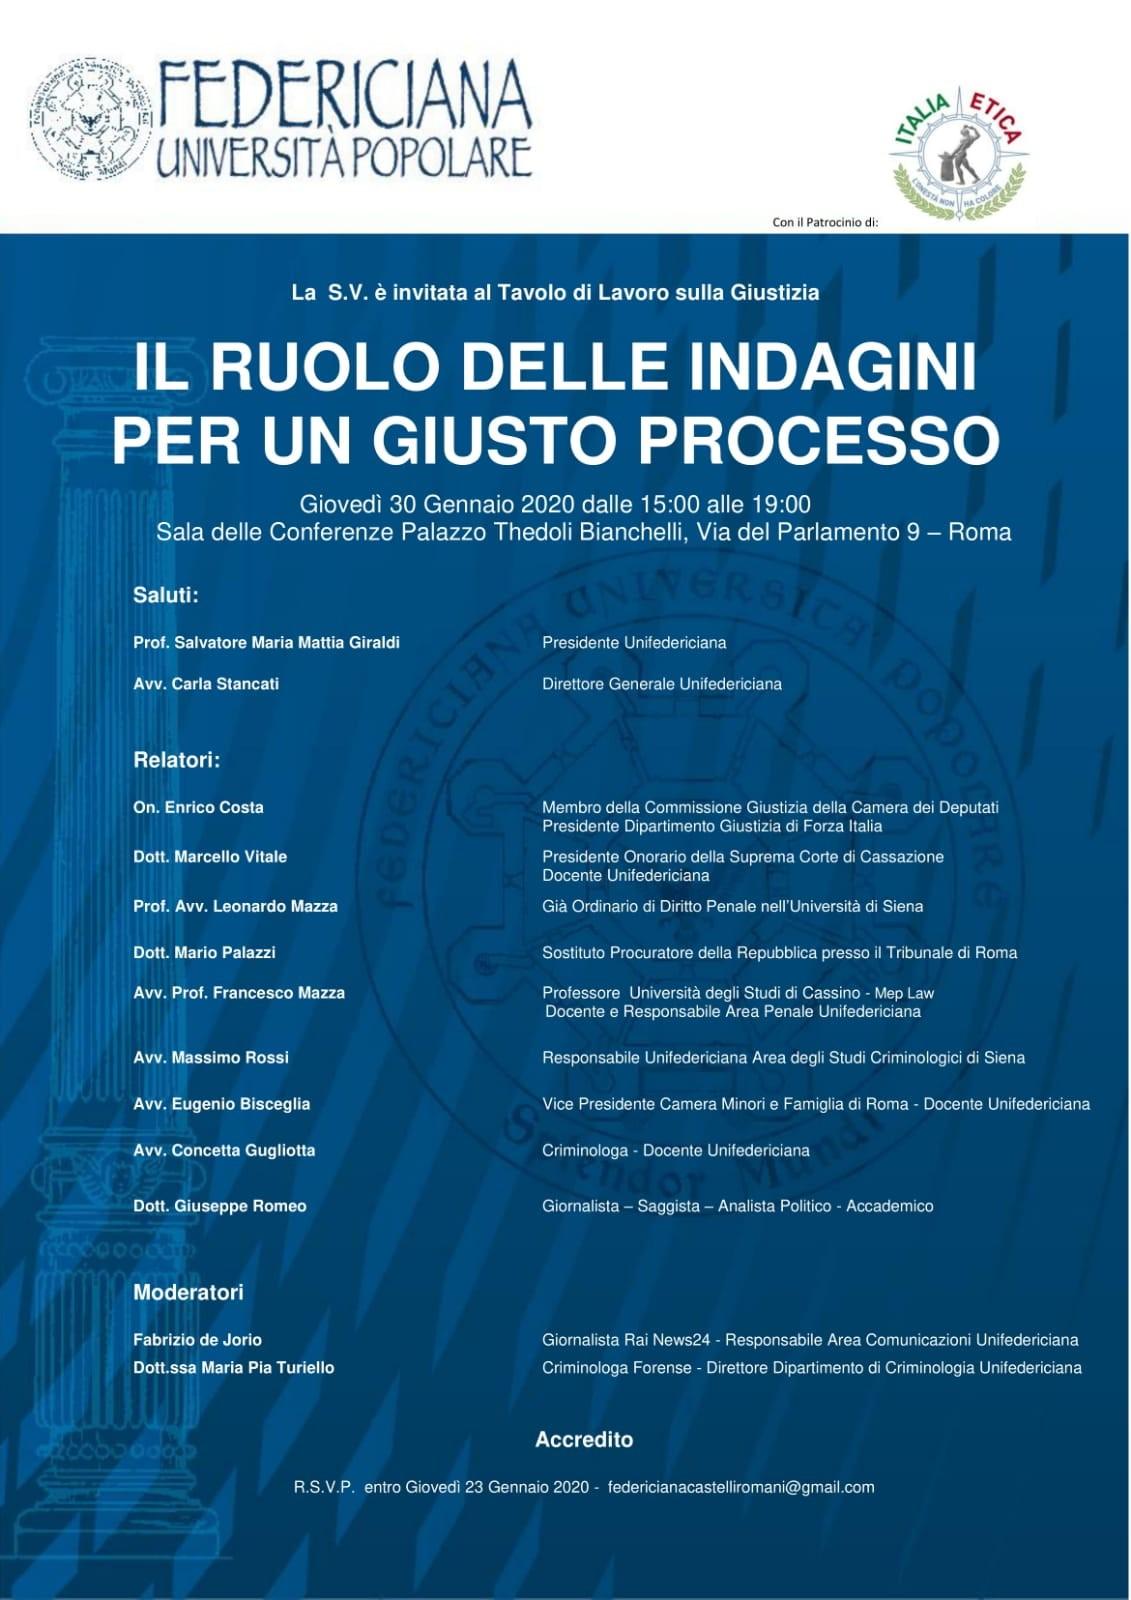 Il ruolo delle indagini per un giusto processo | Roma 30.01.2020